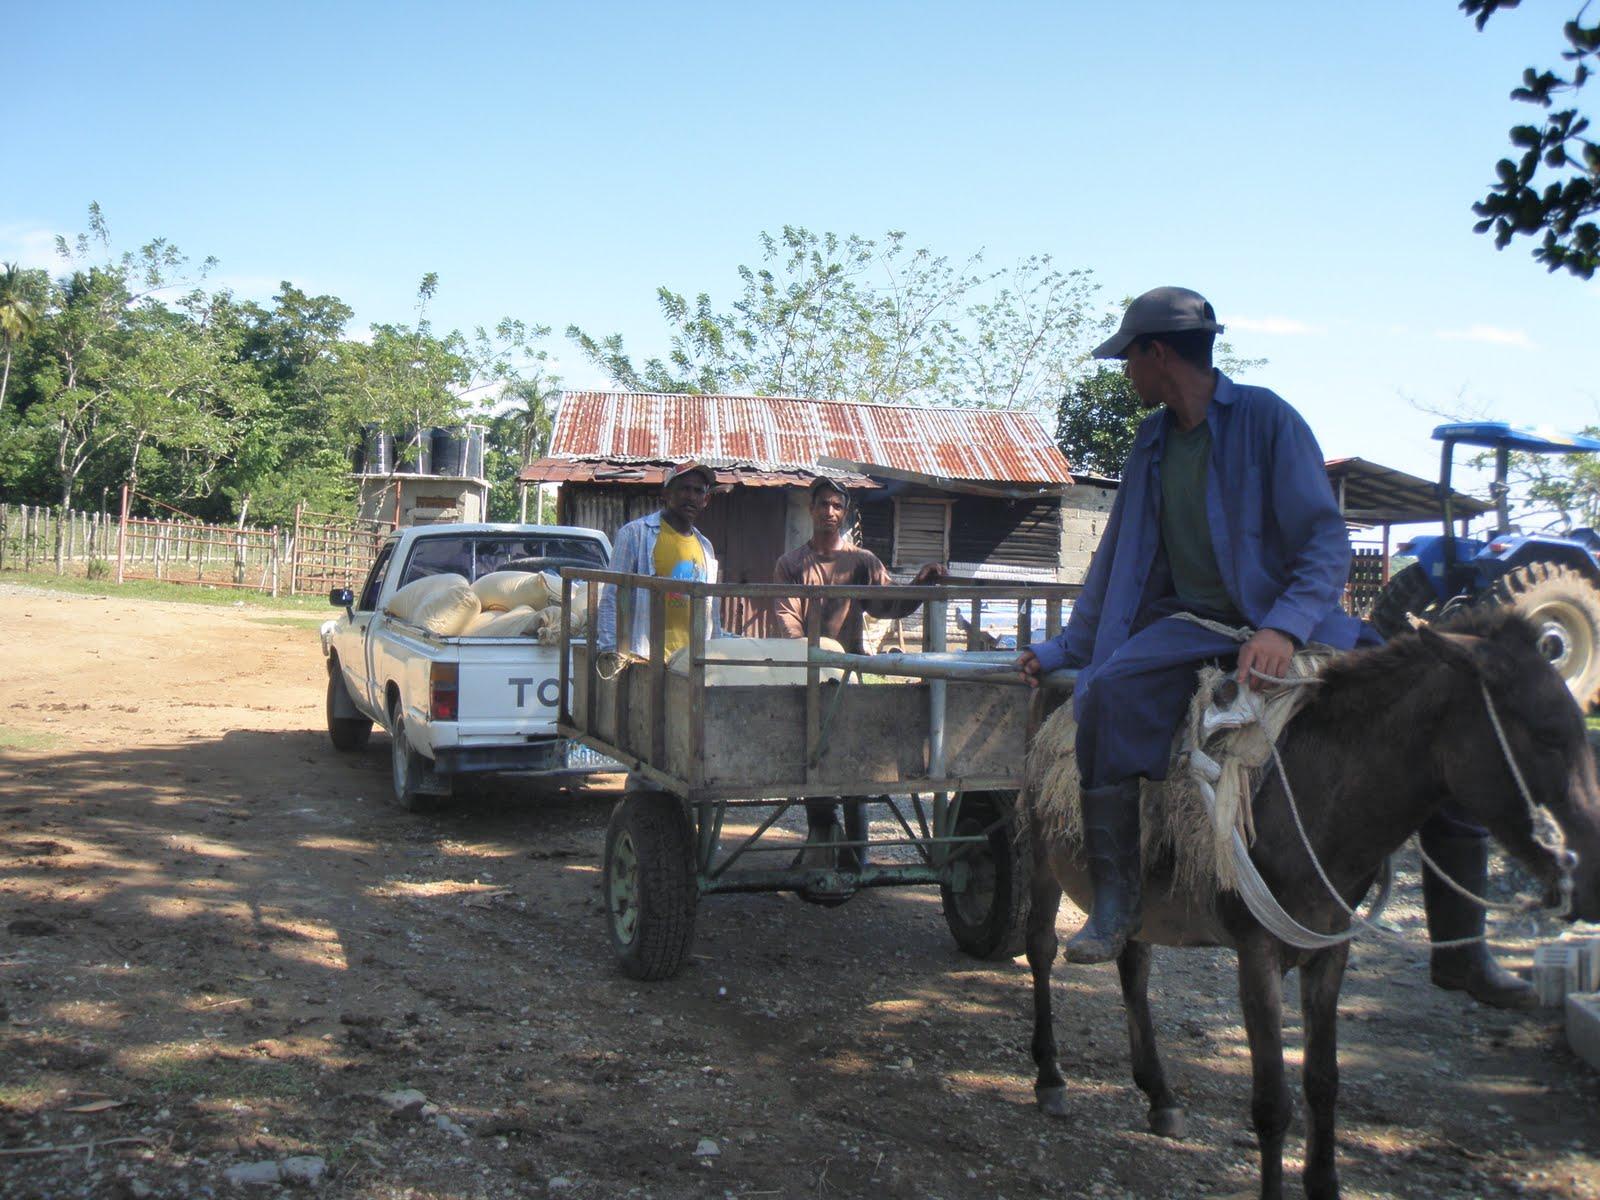 Los Campesinos para transportar su mercancía y hacer compra al por mayor 12ca7fe431d